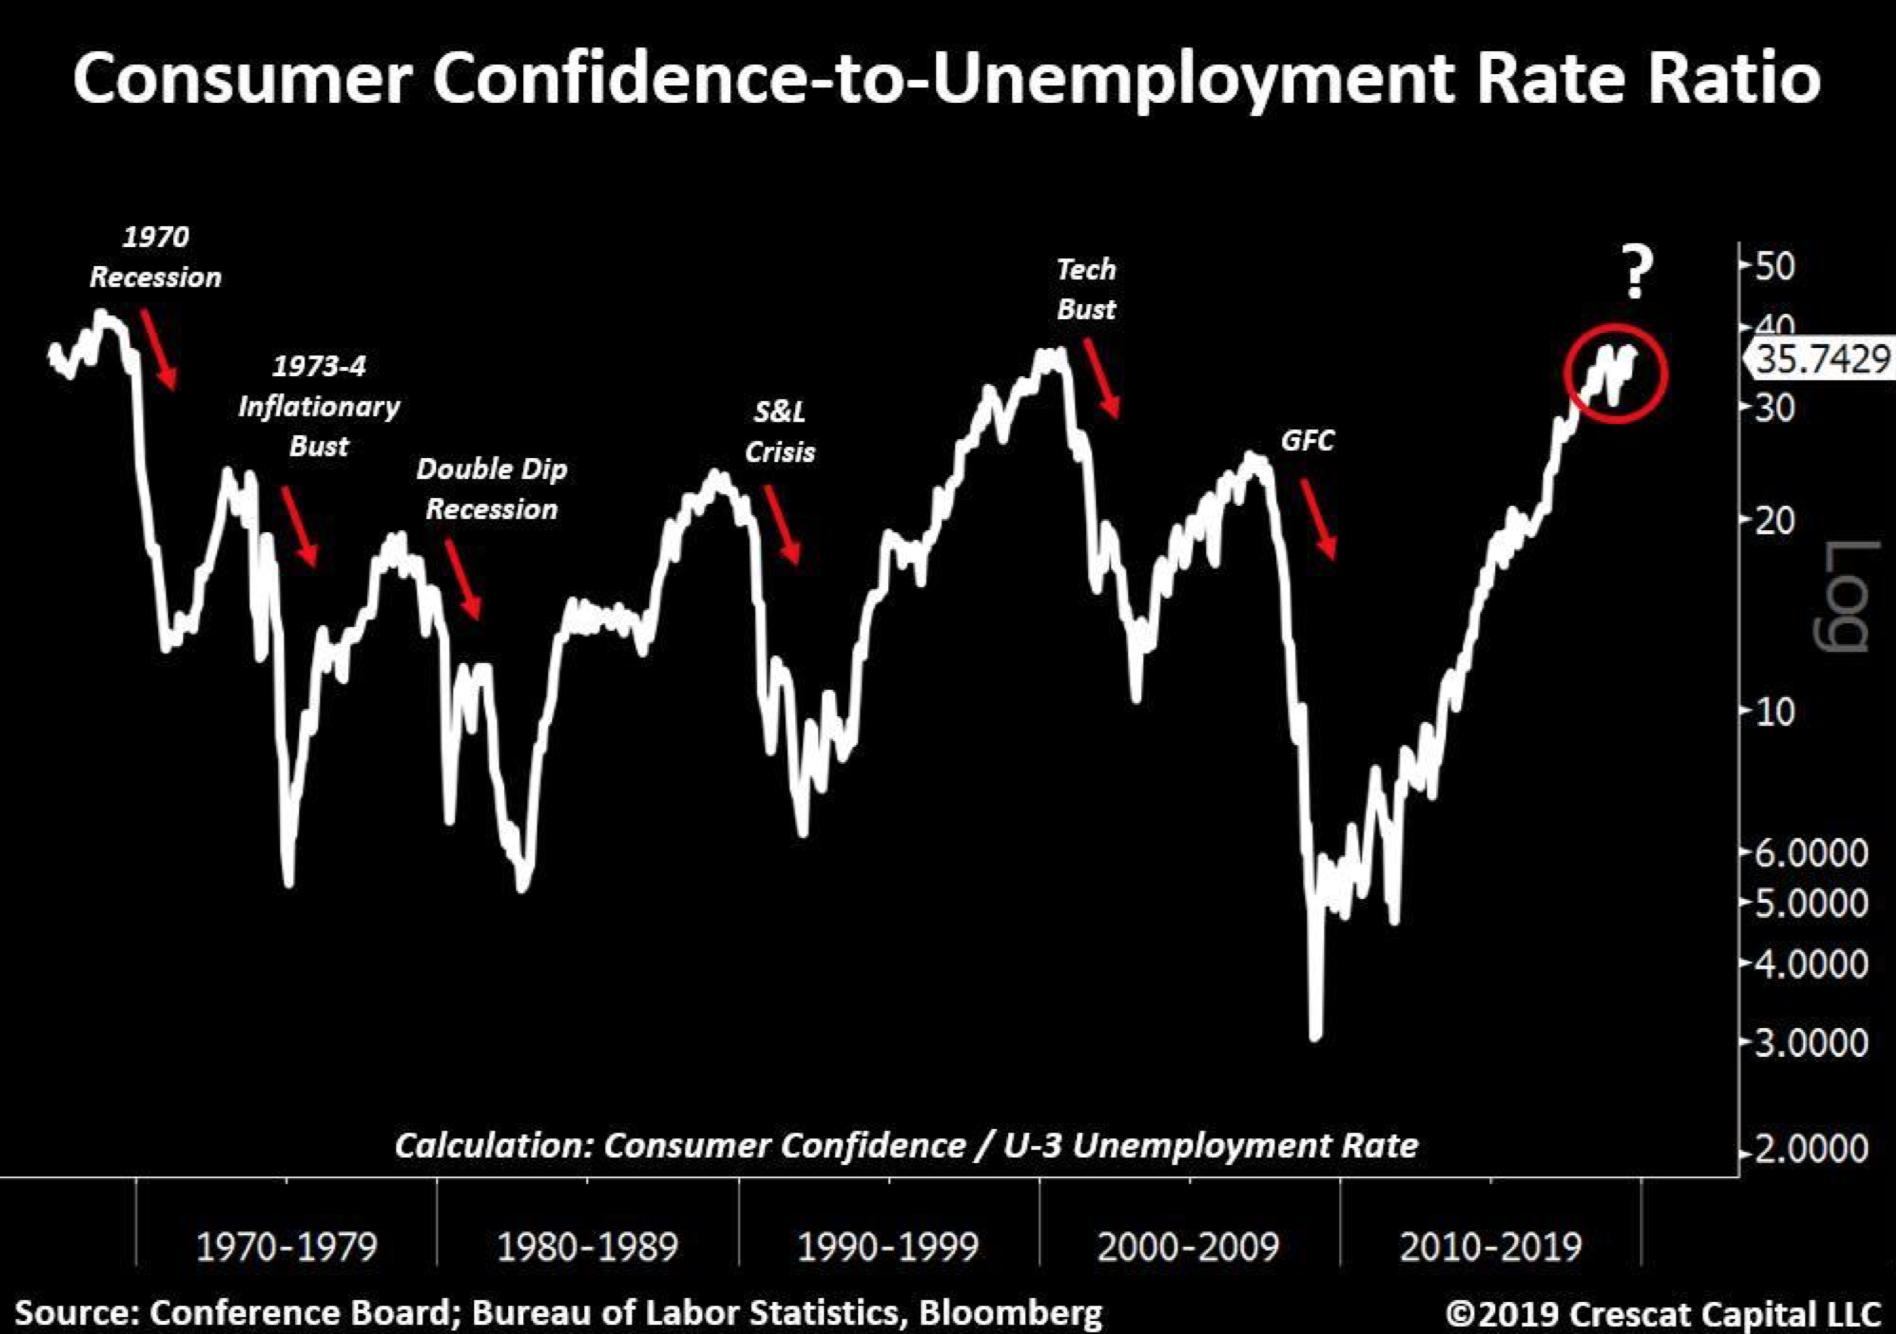 Verbrauchervertrauen vs Arbeitslosenquote - Quelle: Crescat Capital